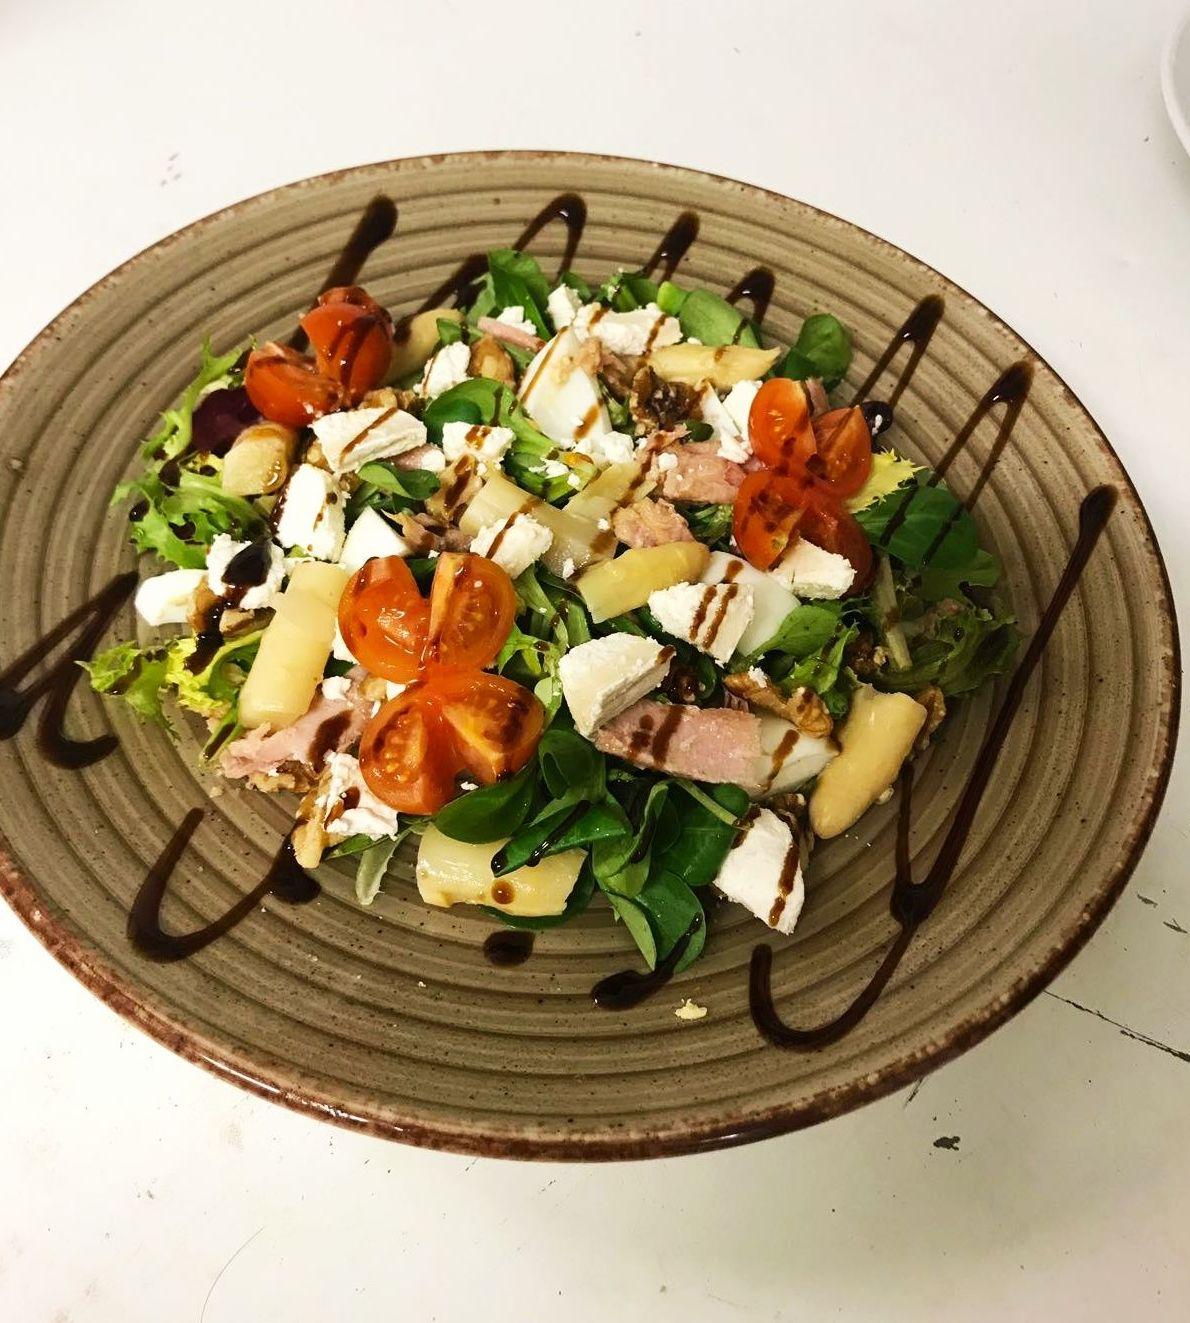 Ensalada de queso fresco: brotes tiernos,tomate,espárragos,queso fresco, ventresca y nueces